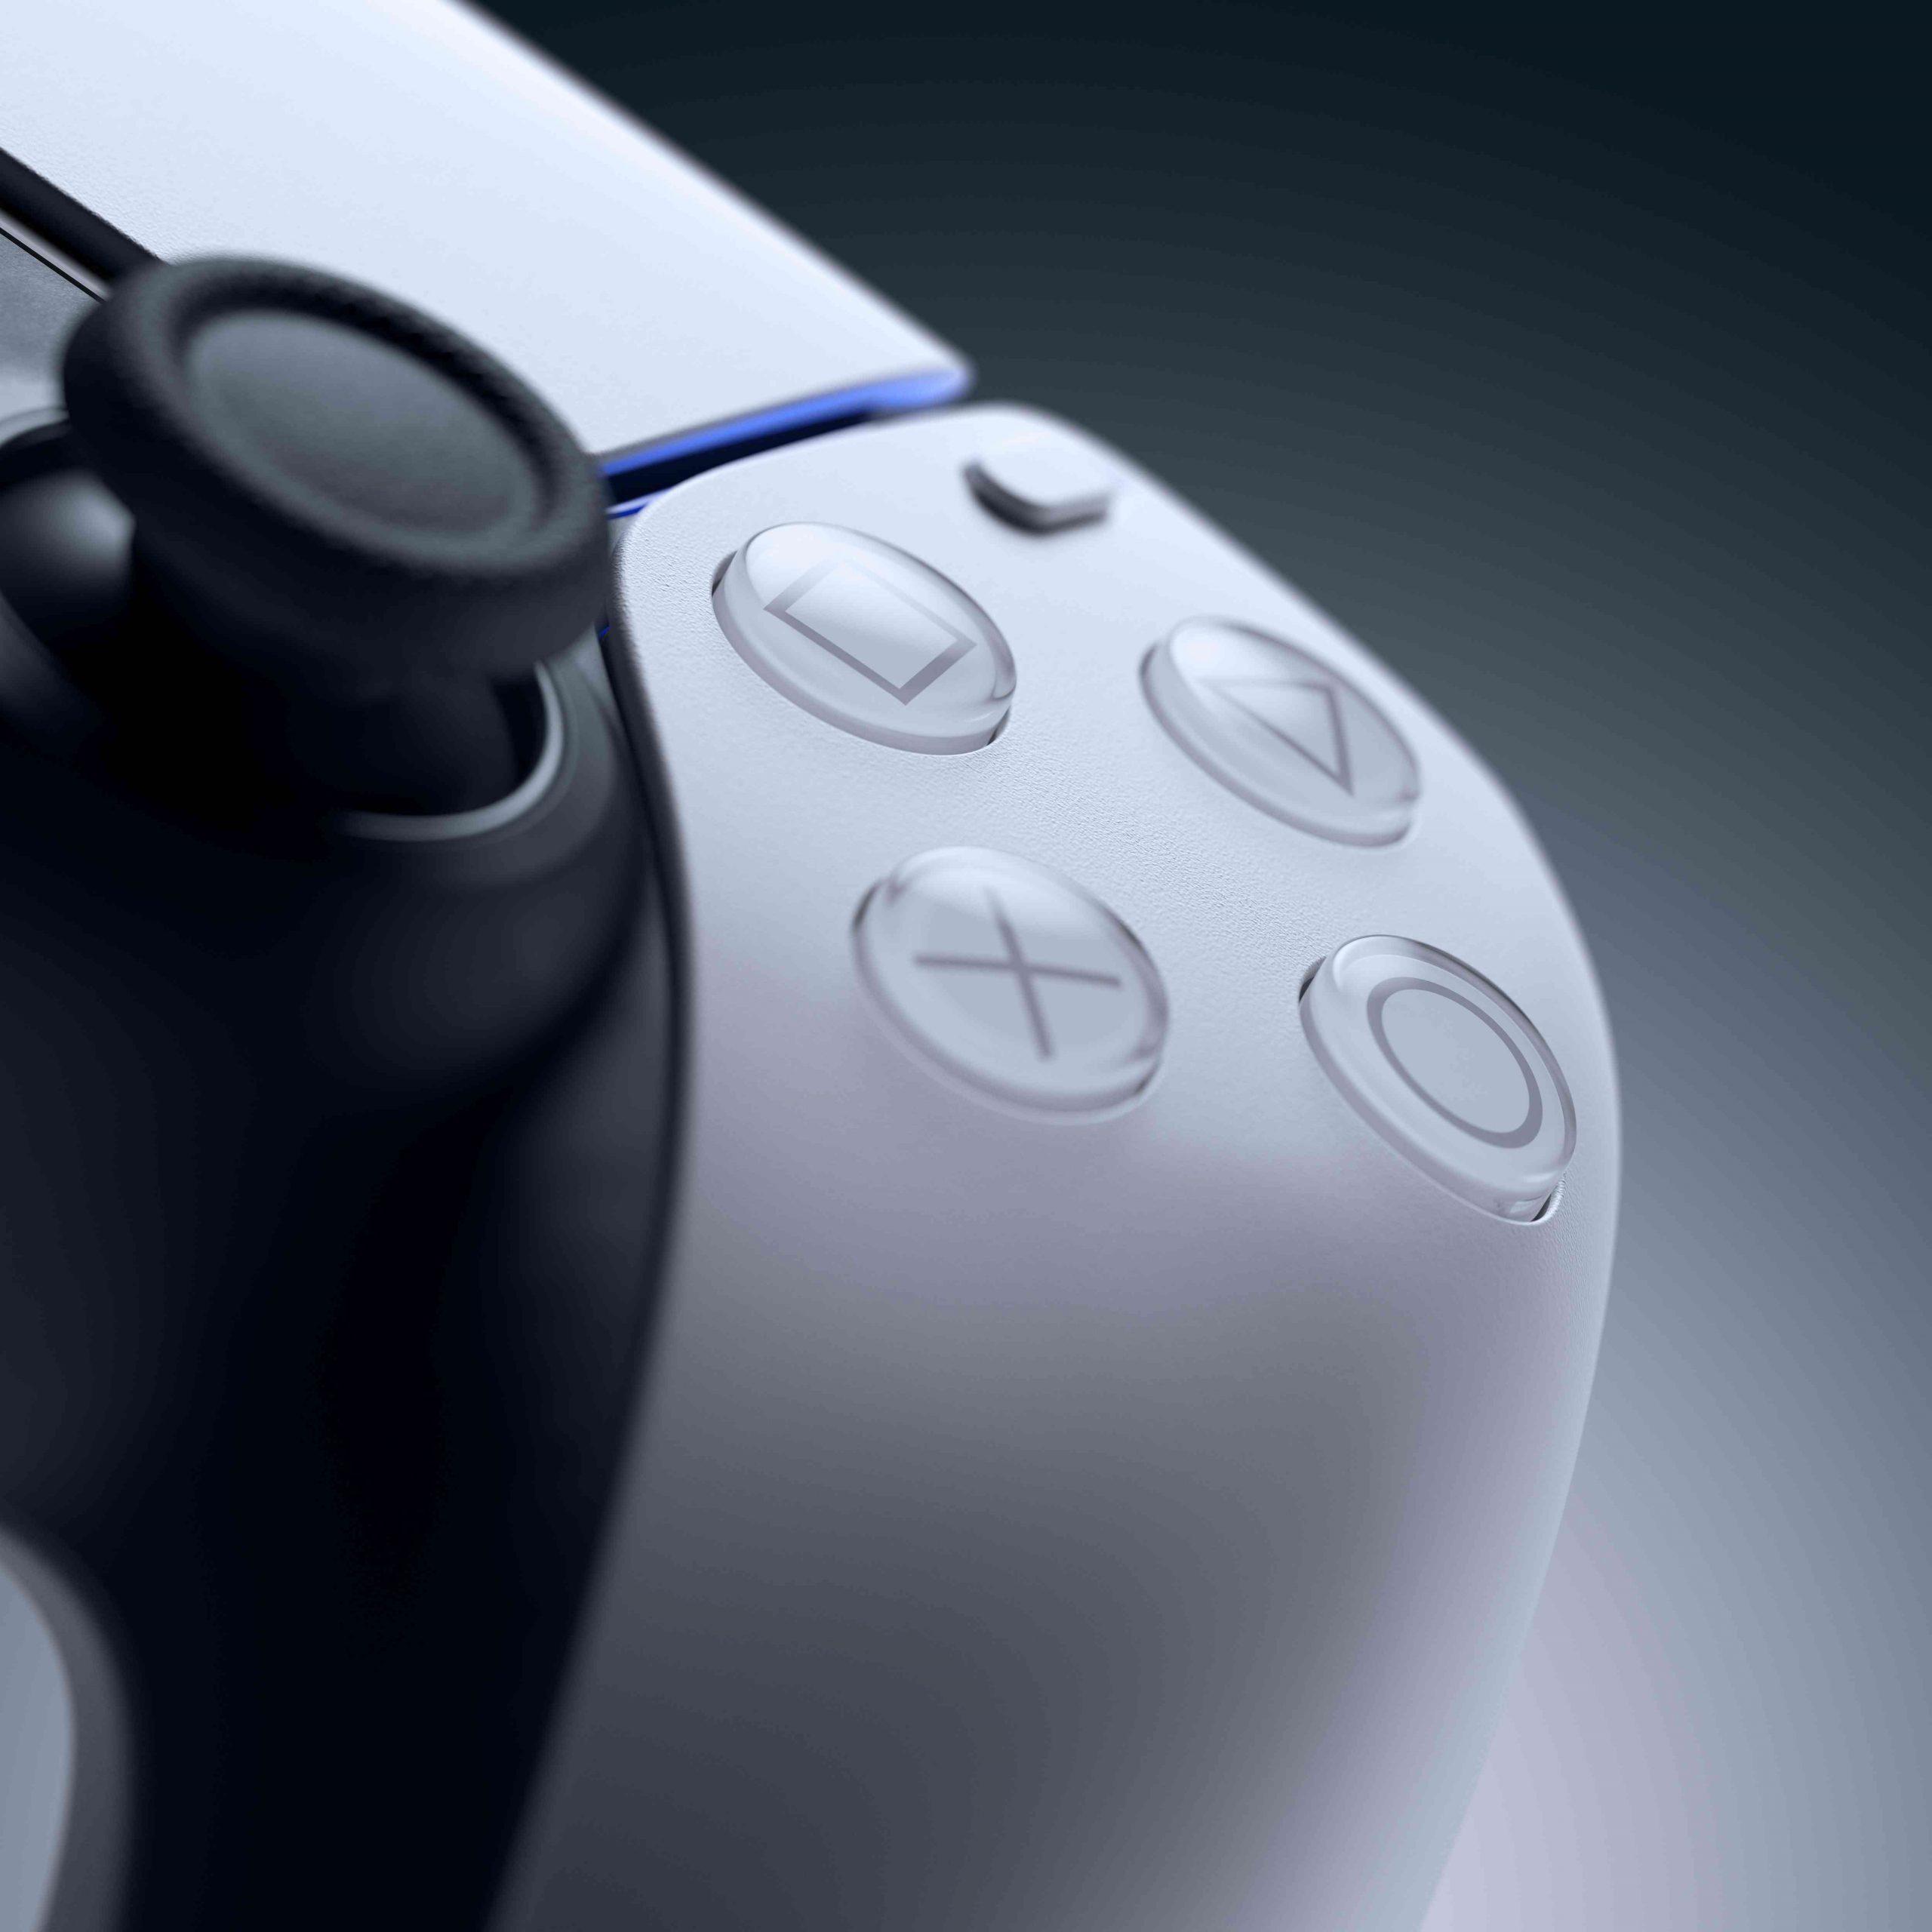 PS5 kaufen: Euronics-Verkauf sorgte für lange Warteschlange - play3.de